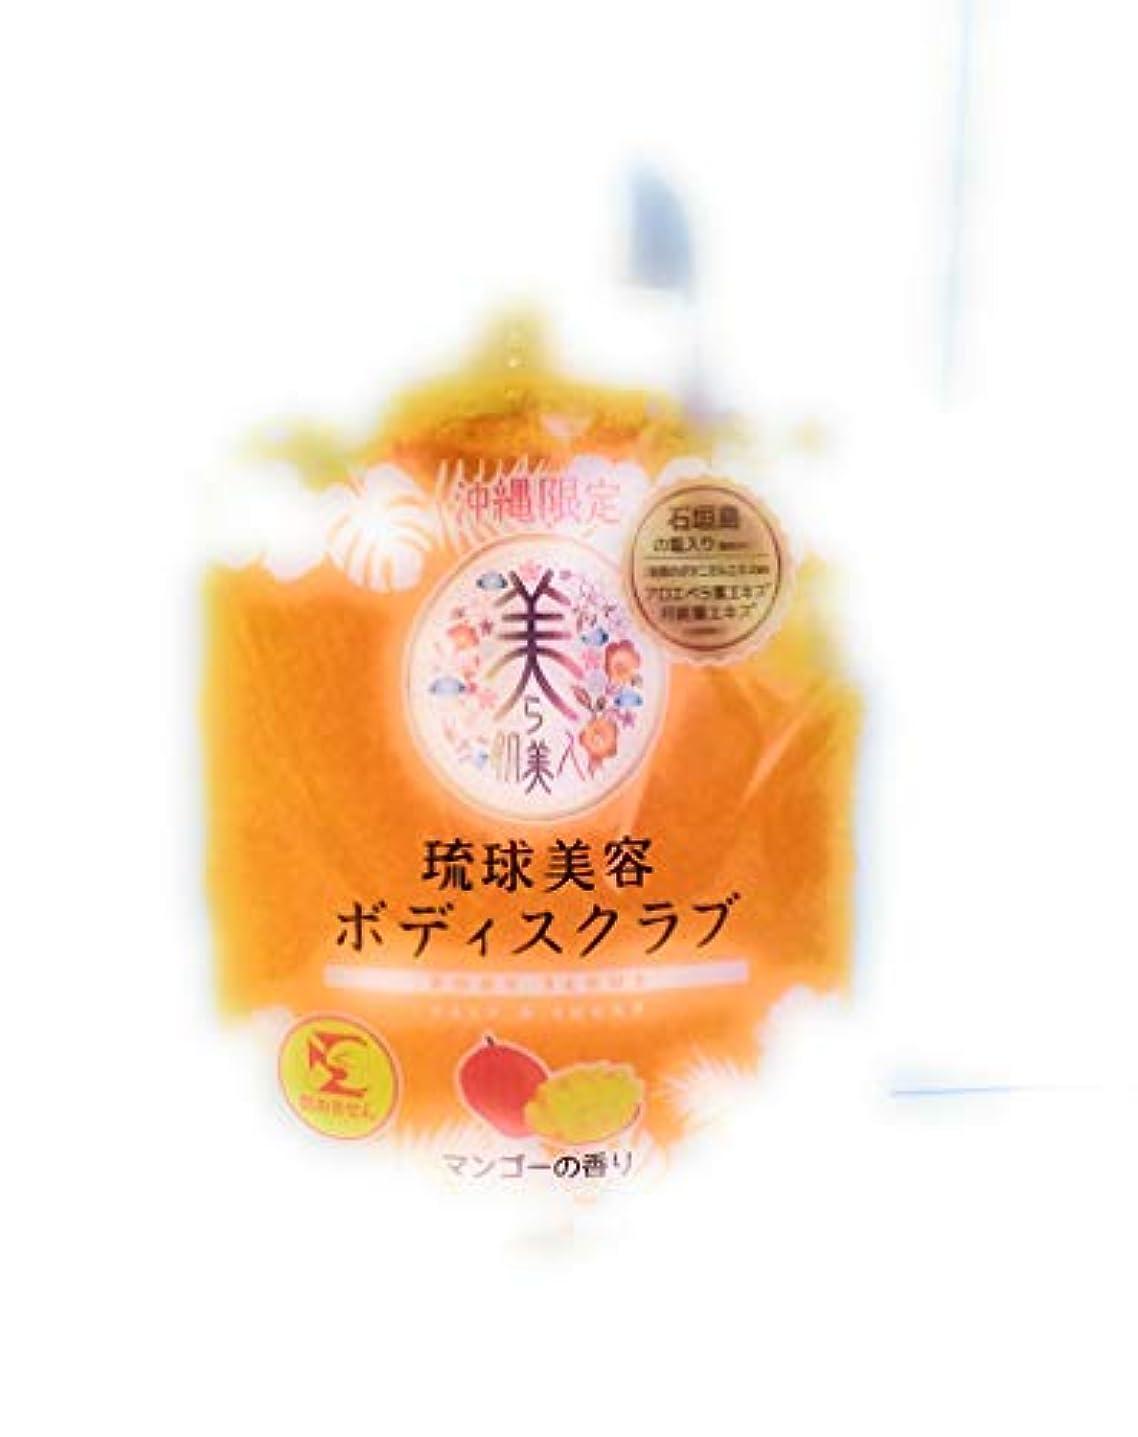 ぬいぐるみ意見なぞらえる沖縄限定 美ら肌美人 琉球美容ボディスクラブ マンゴーの香り